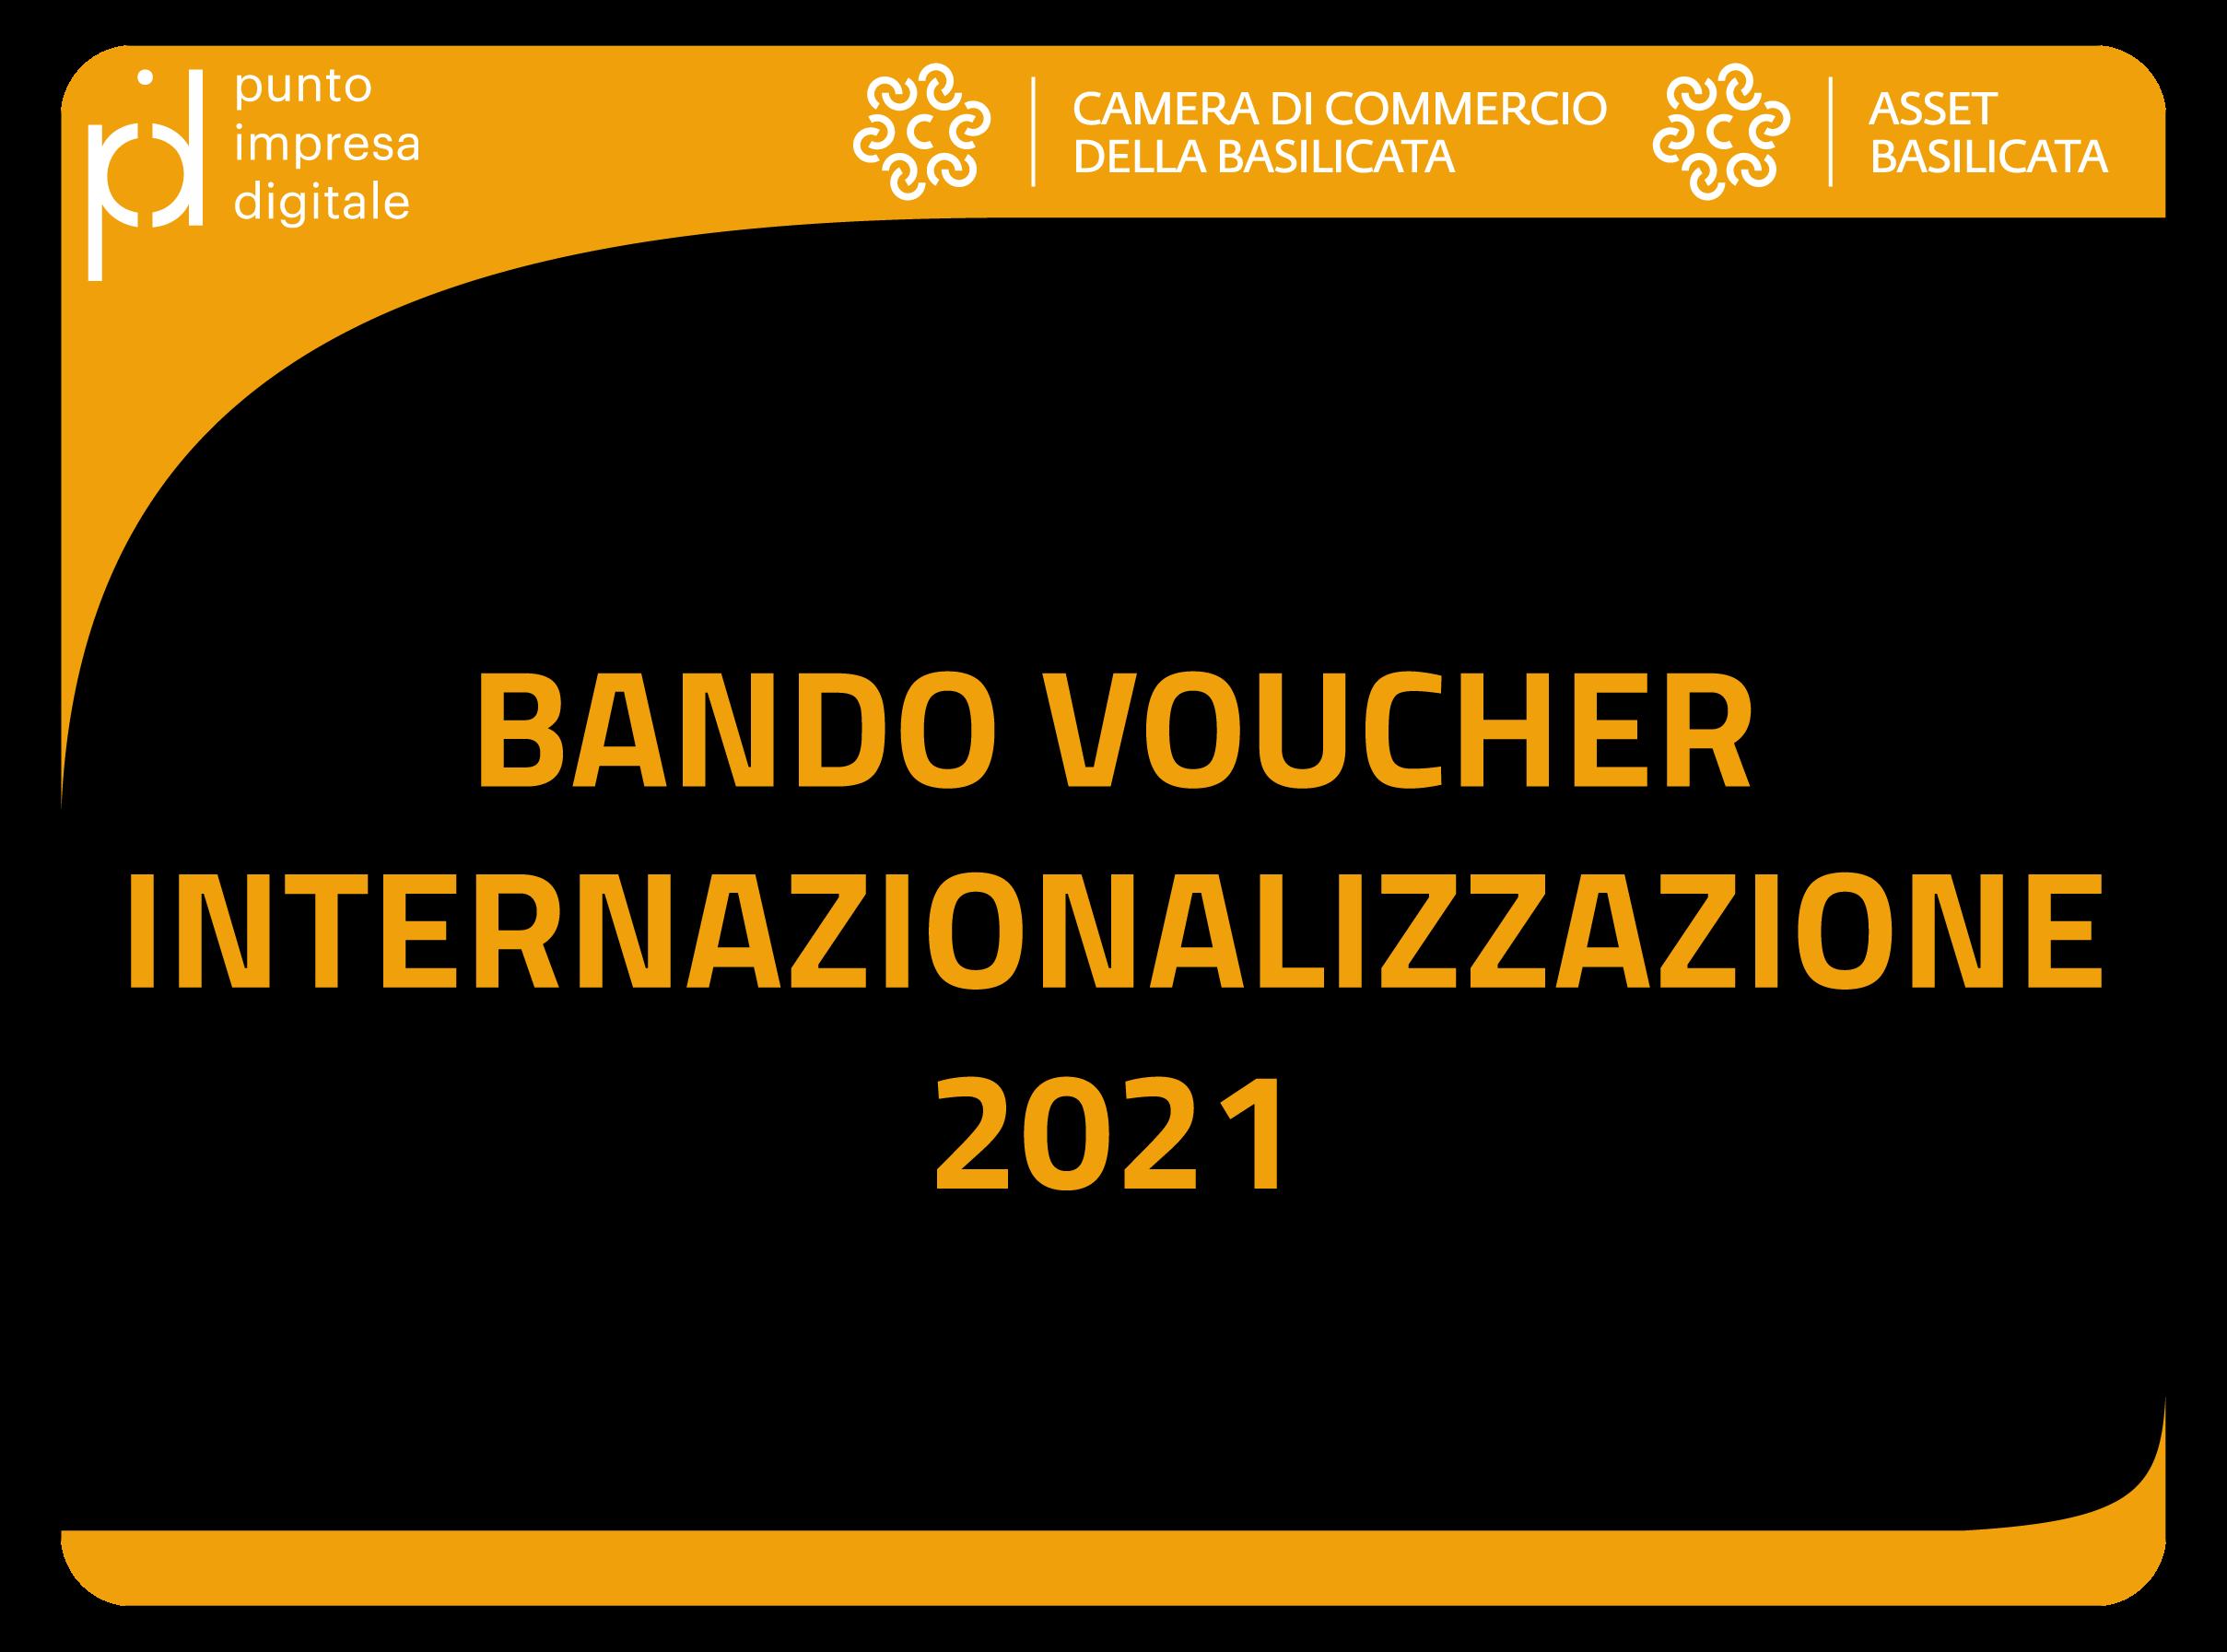 Bando Voucher Internazionalizzazione 2021